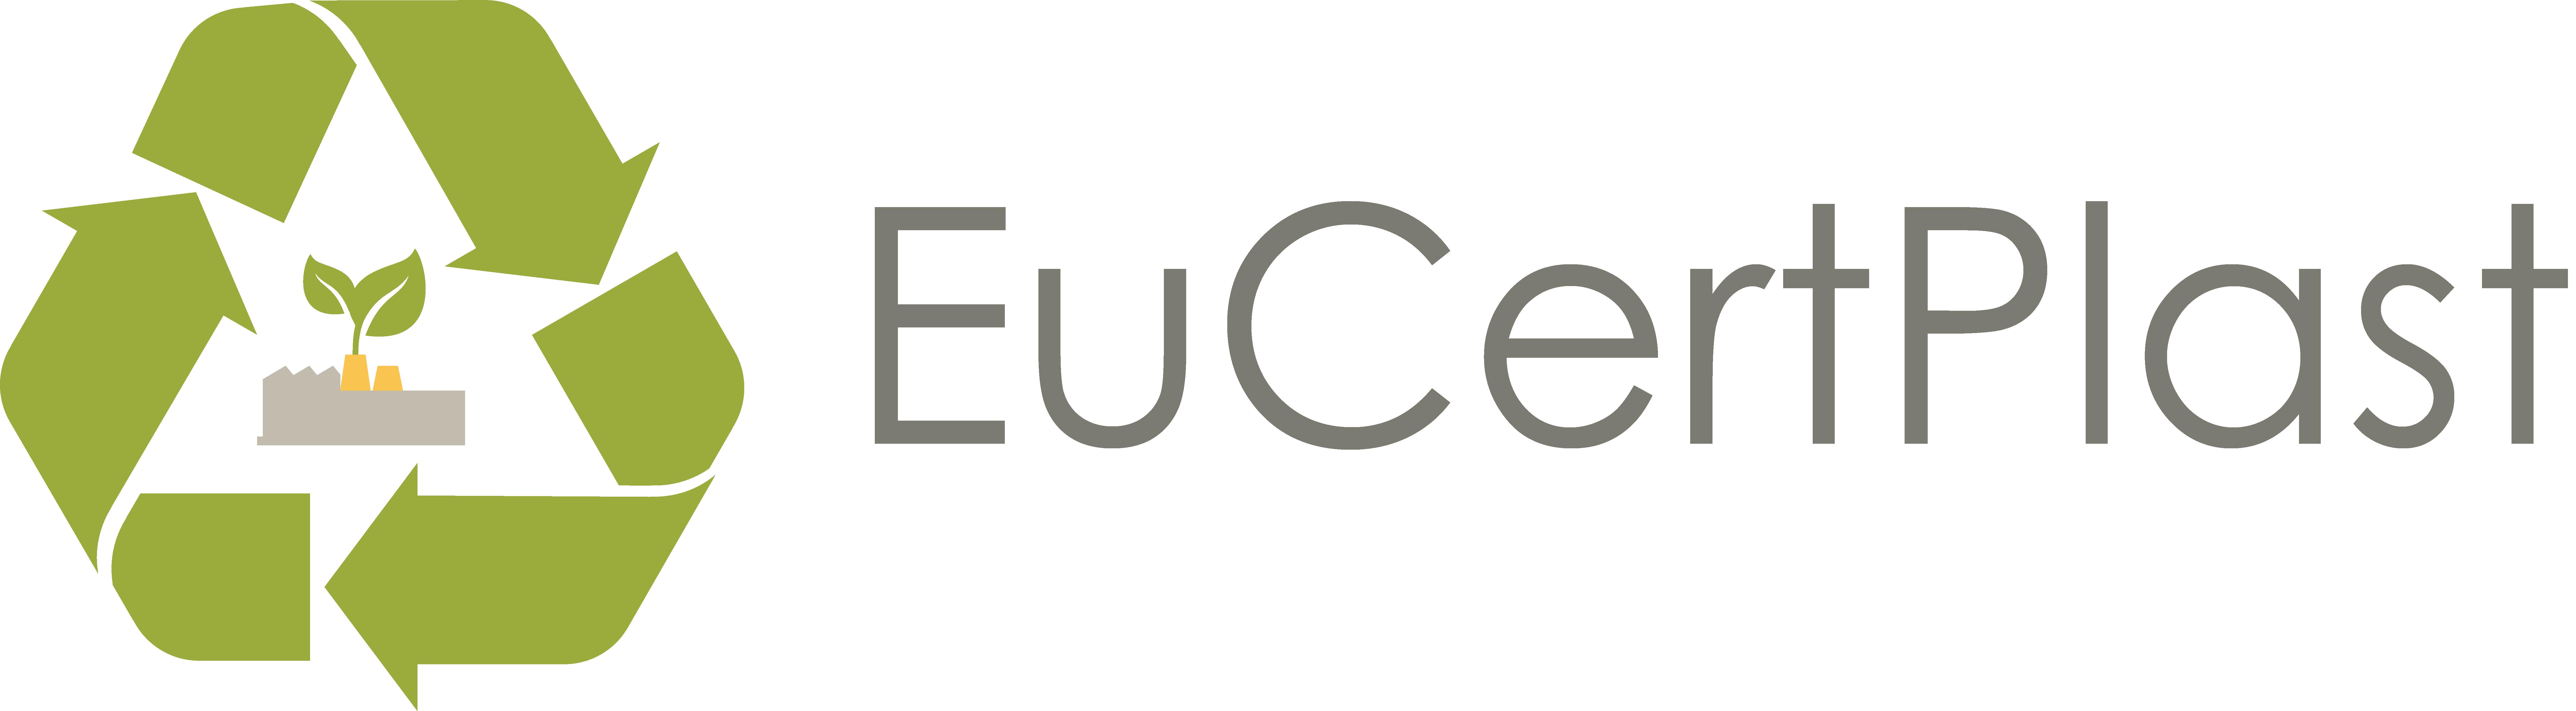 EuCertPlast Logo 2017 V6 BIG (1)